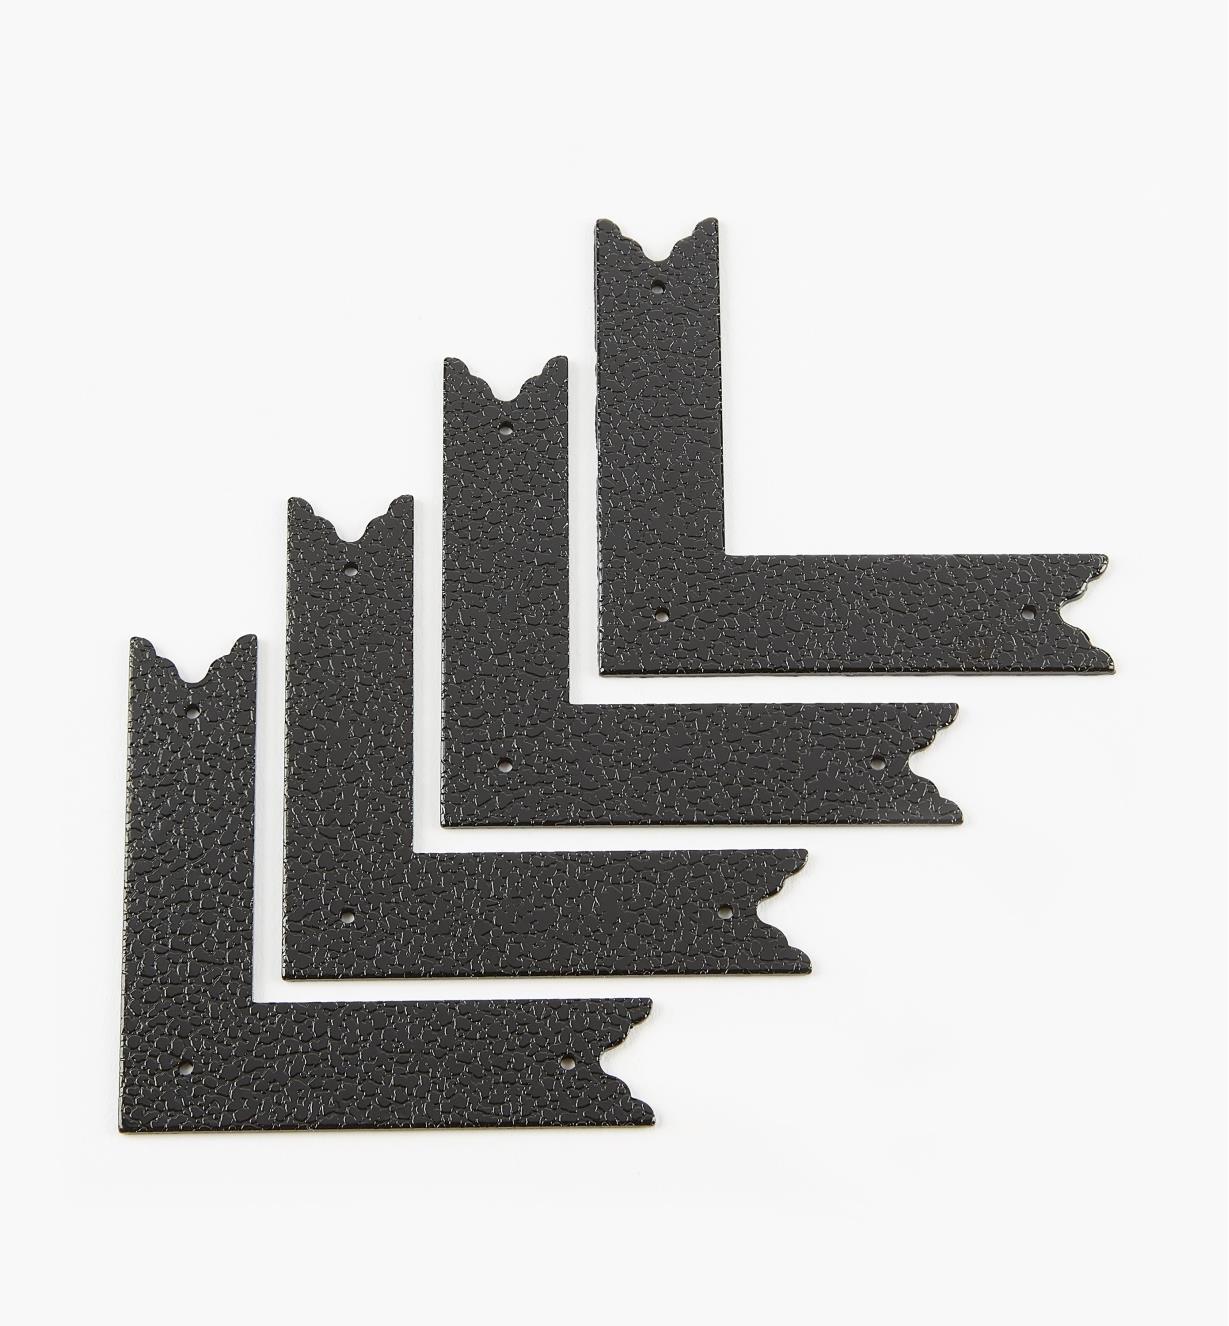 00D5611 - Équerres plates de 70 mm x 70 mm (17 mm), quincaillerie Tansu, fini estampé, le paquet de 4